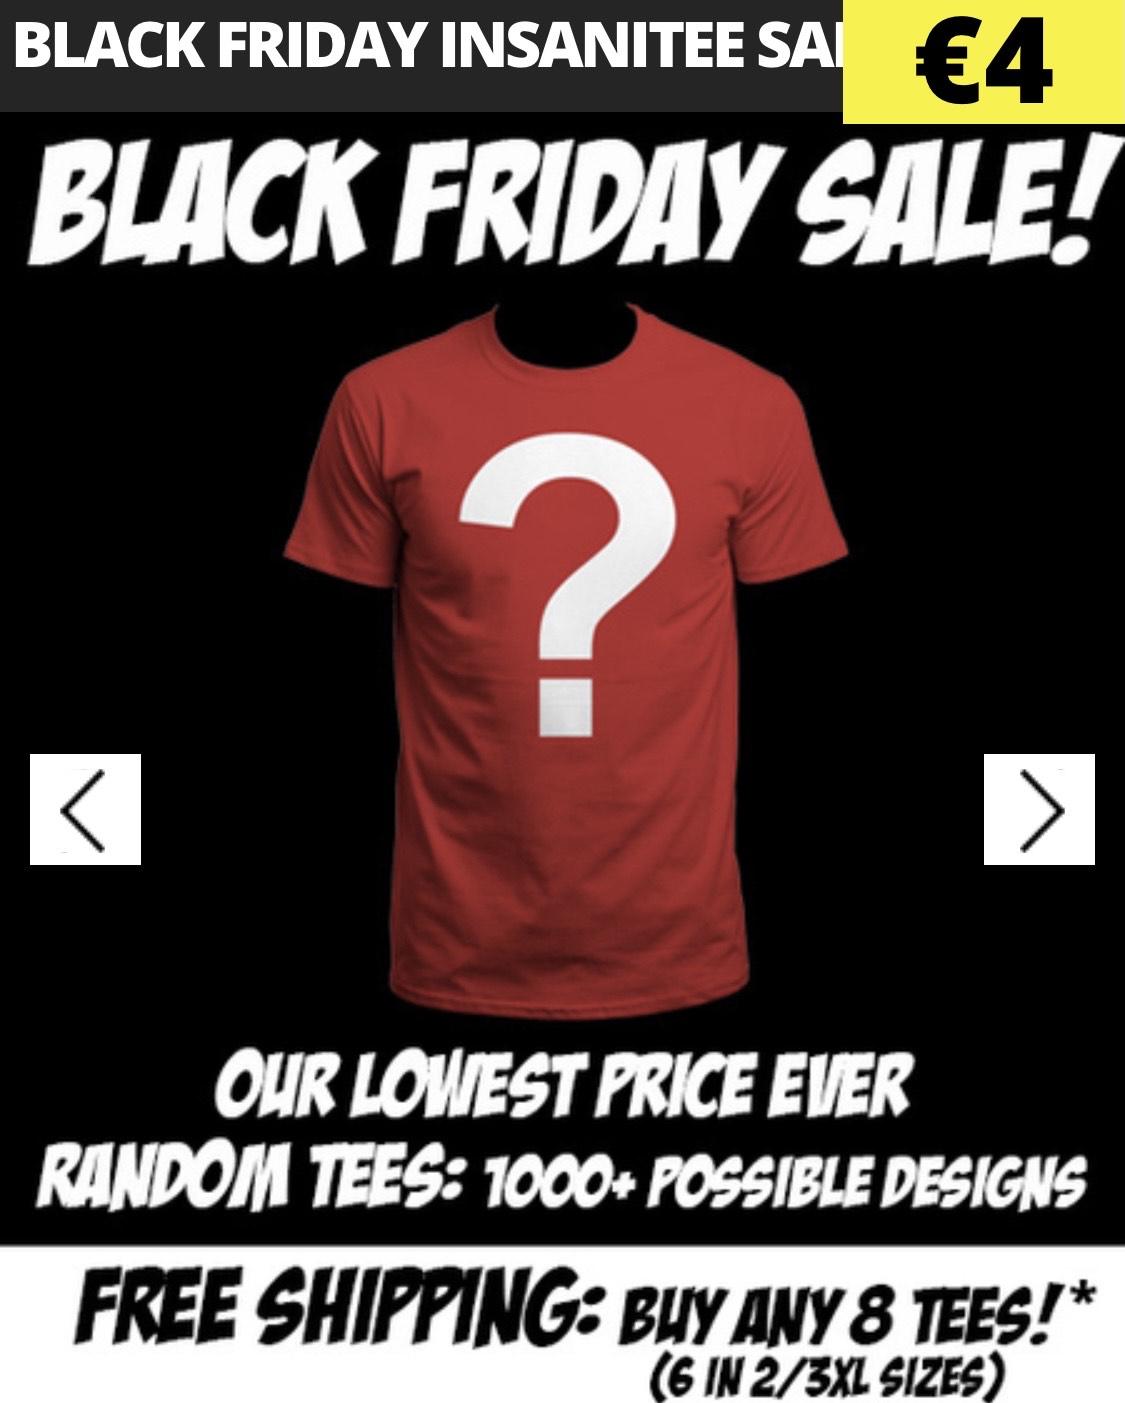 Qwertee Insanitee Sale Random Shirt - 4€ - Black Friday Auswahl - 3€ - Cyber Monday Auswahl - 2 € [VSKfrei ab 6/8 Stk] + Maske